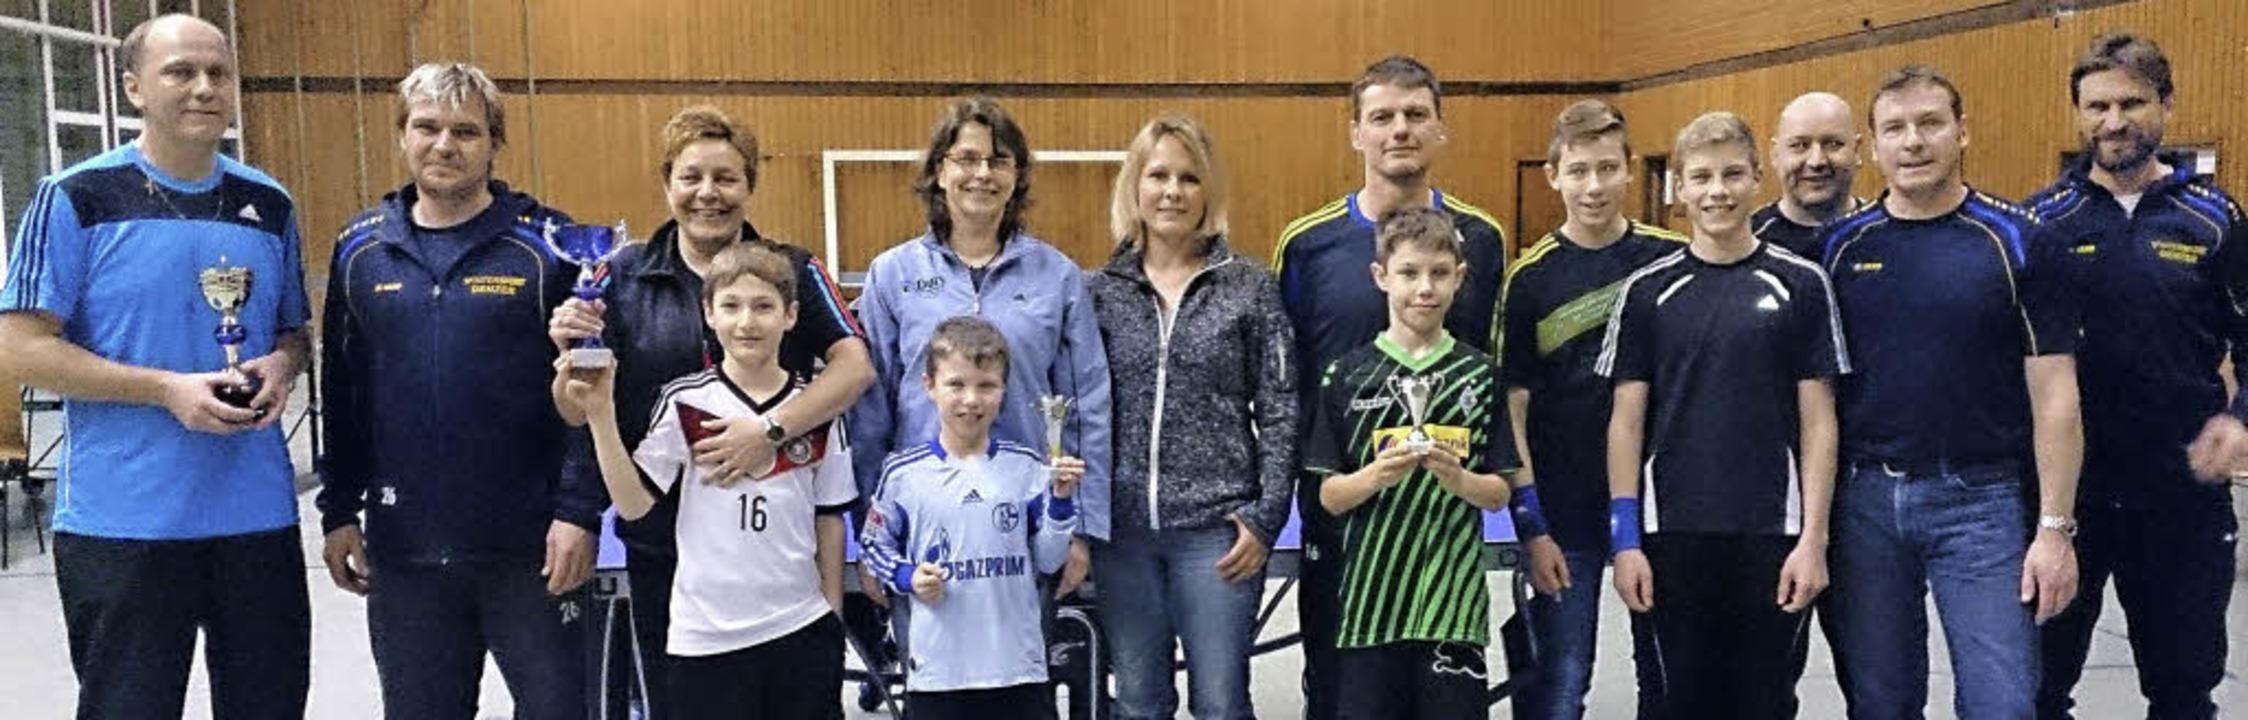 Die Sieger und die Platzierten des Tis...Trikot) war der Beste bei den Kindern.    Foto: Kech